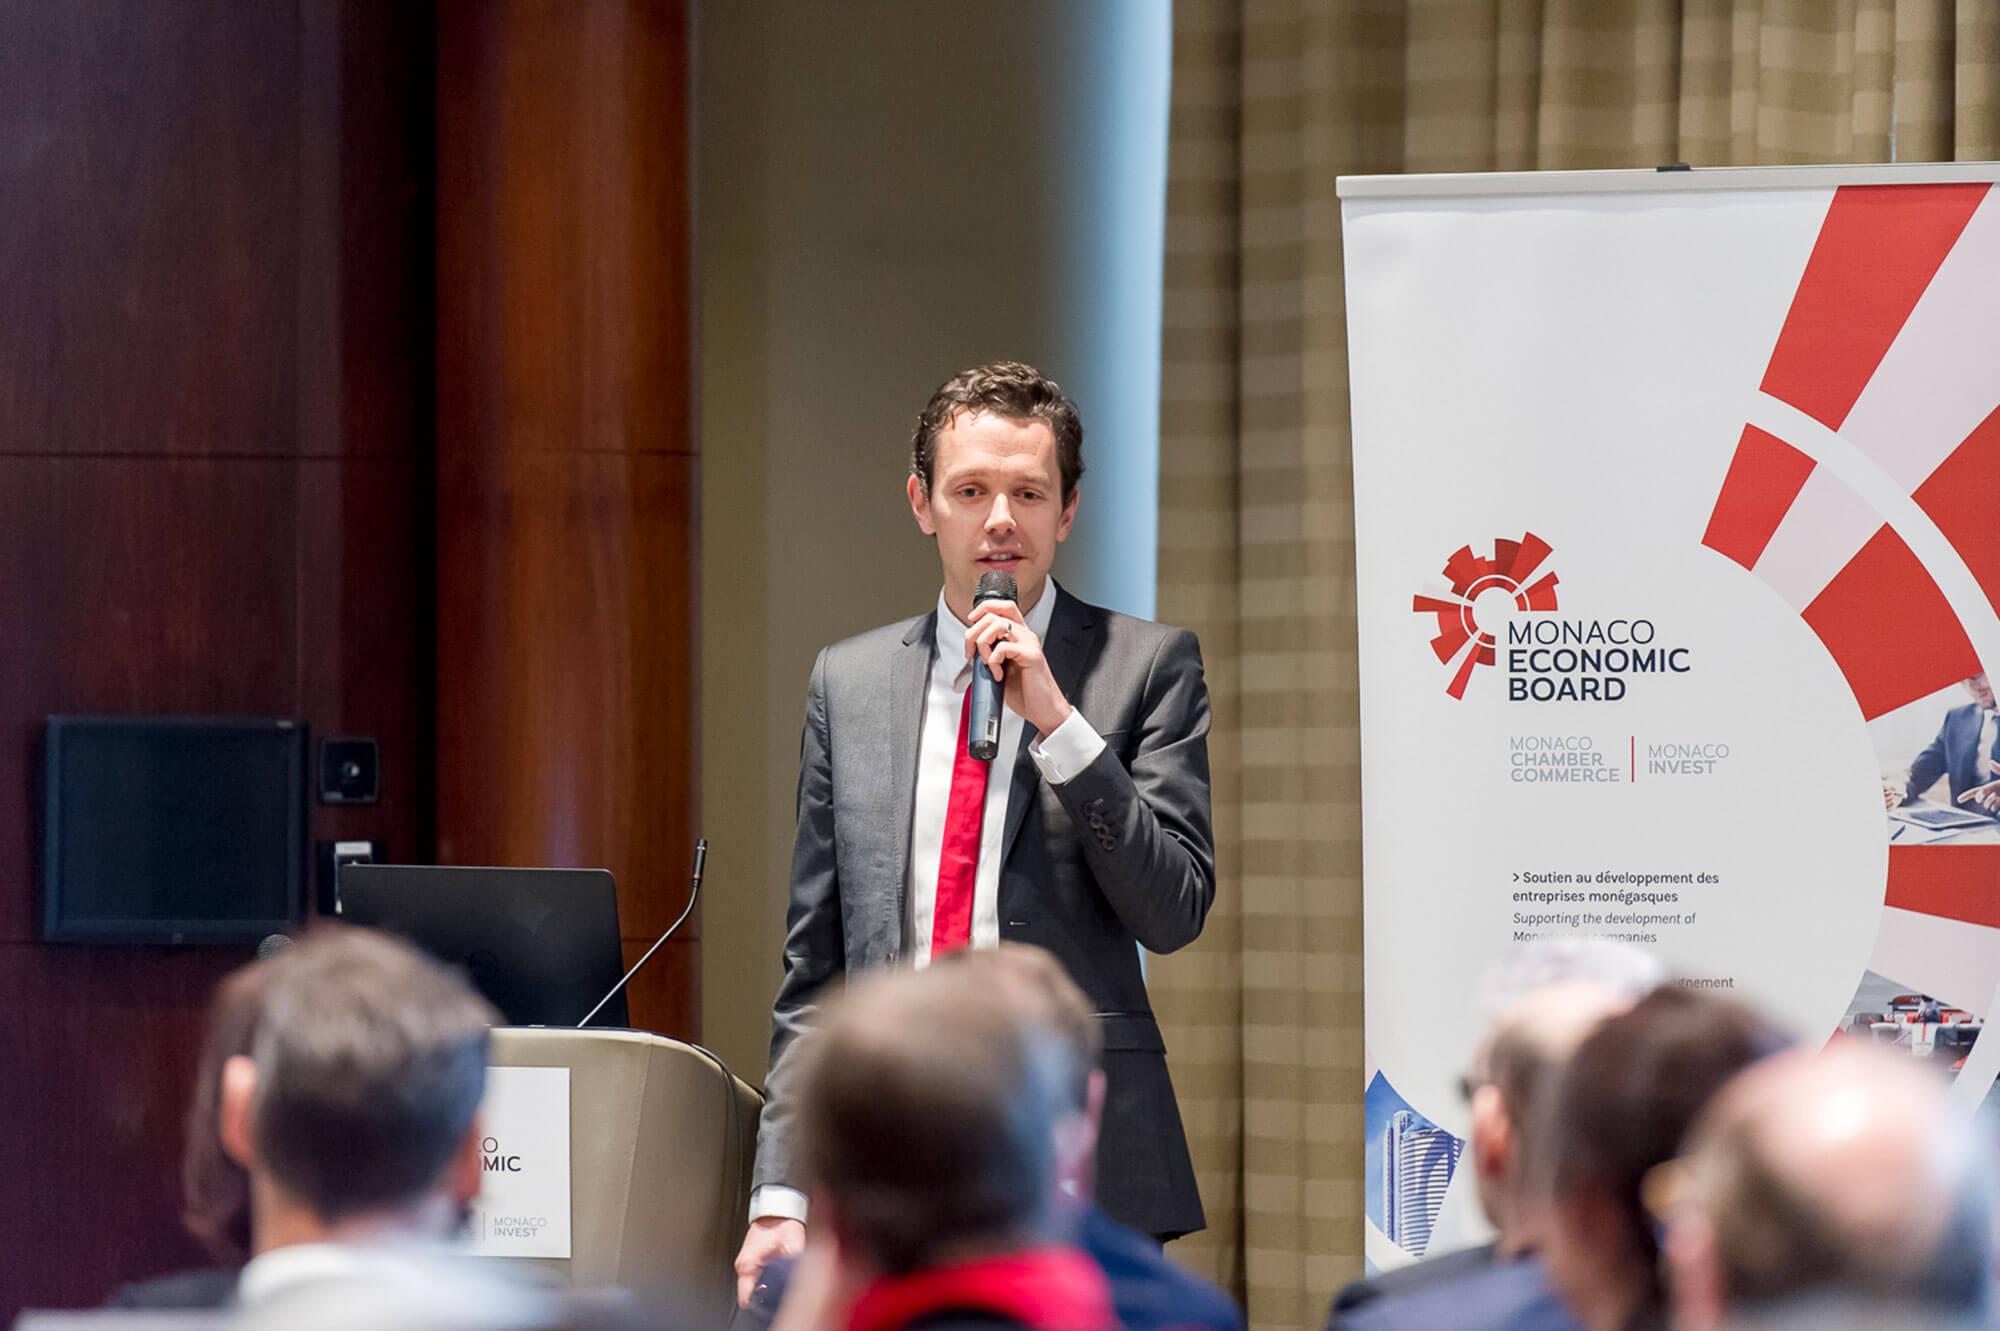 Экономический совет Монако провел конференцию по страновым рискам